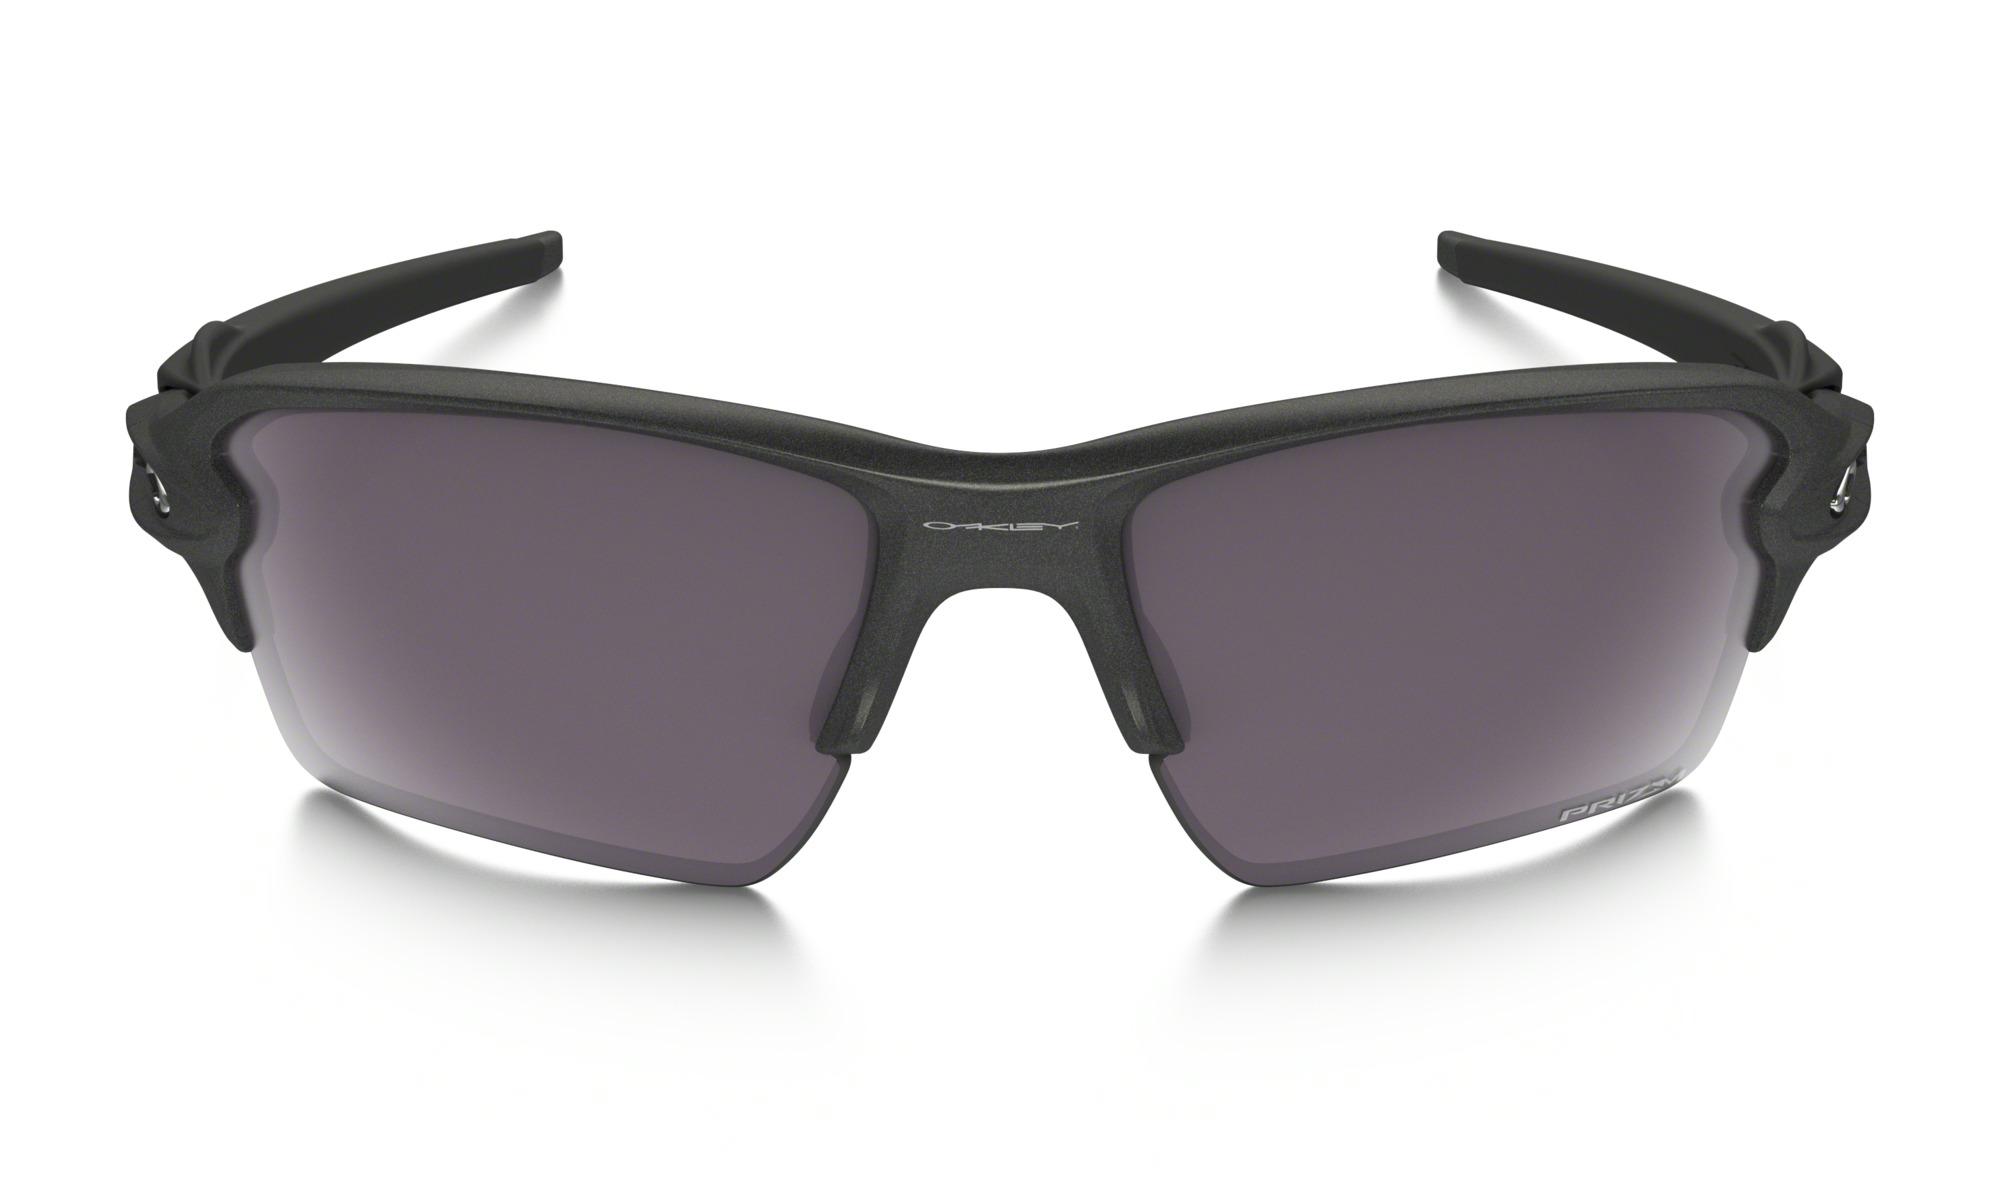 97bc706315 Home · Eyewear · Oakley · FLAK 2.0 XL  FLAK 2.0 XL STEEL   PRIZM DAILY  POLARIZED. 🔍. R 2